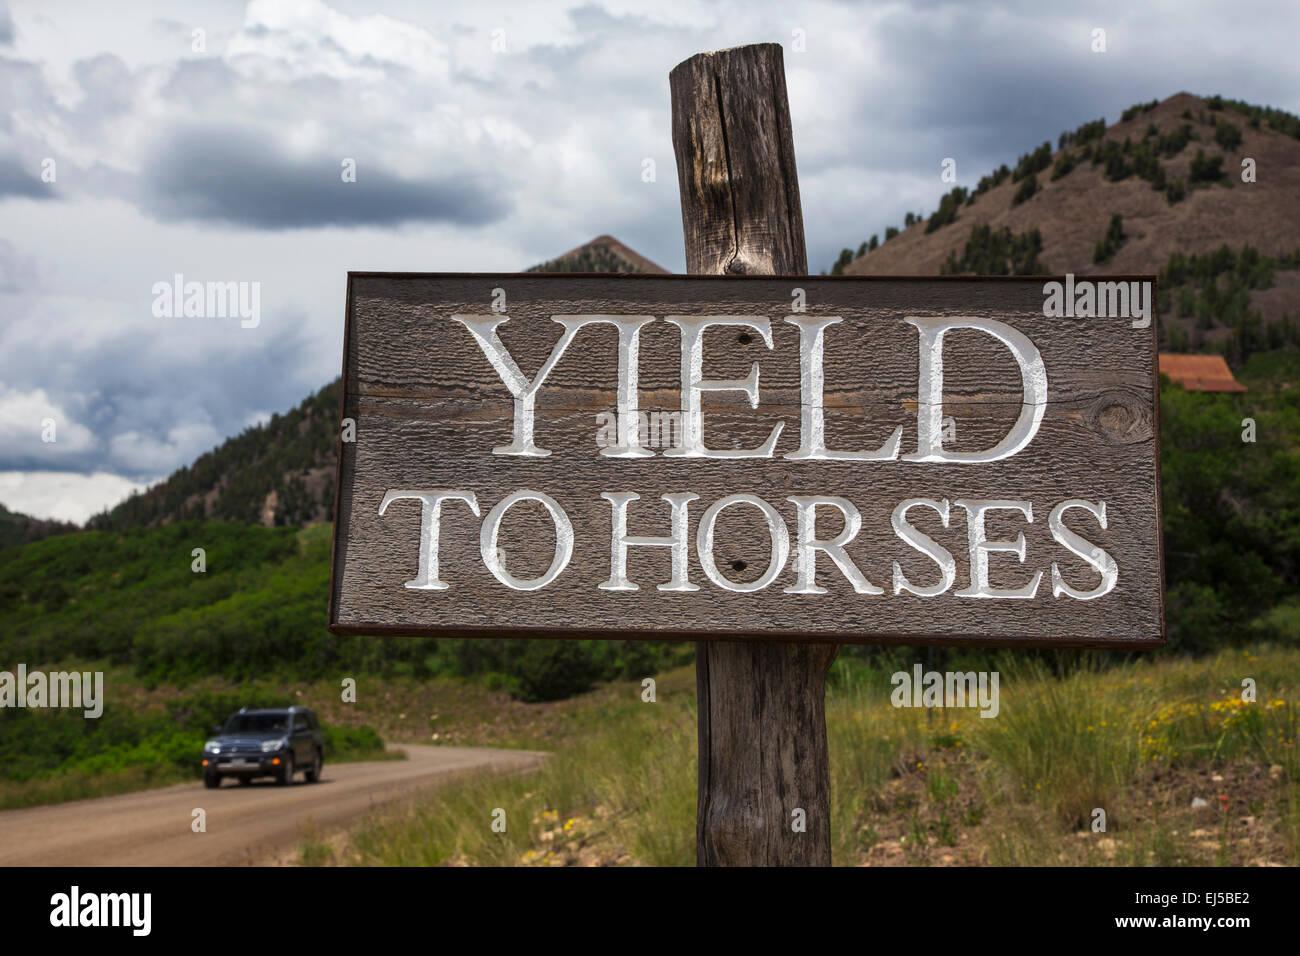 Straßenschild mit der Aufschrift Yield Pferde, Colorado, USA Stockbild